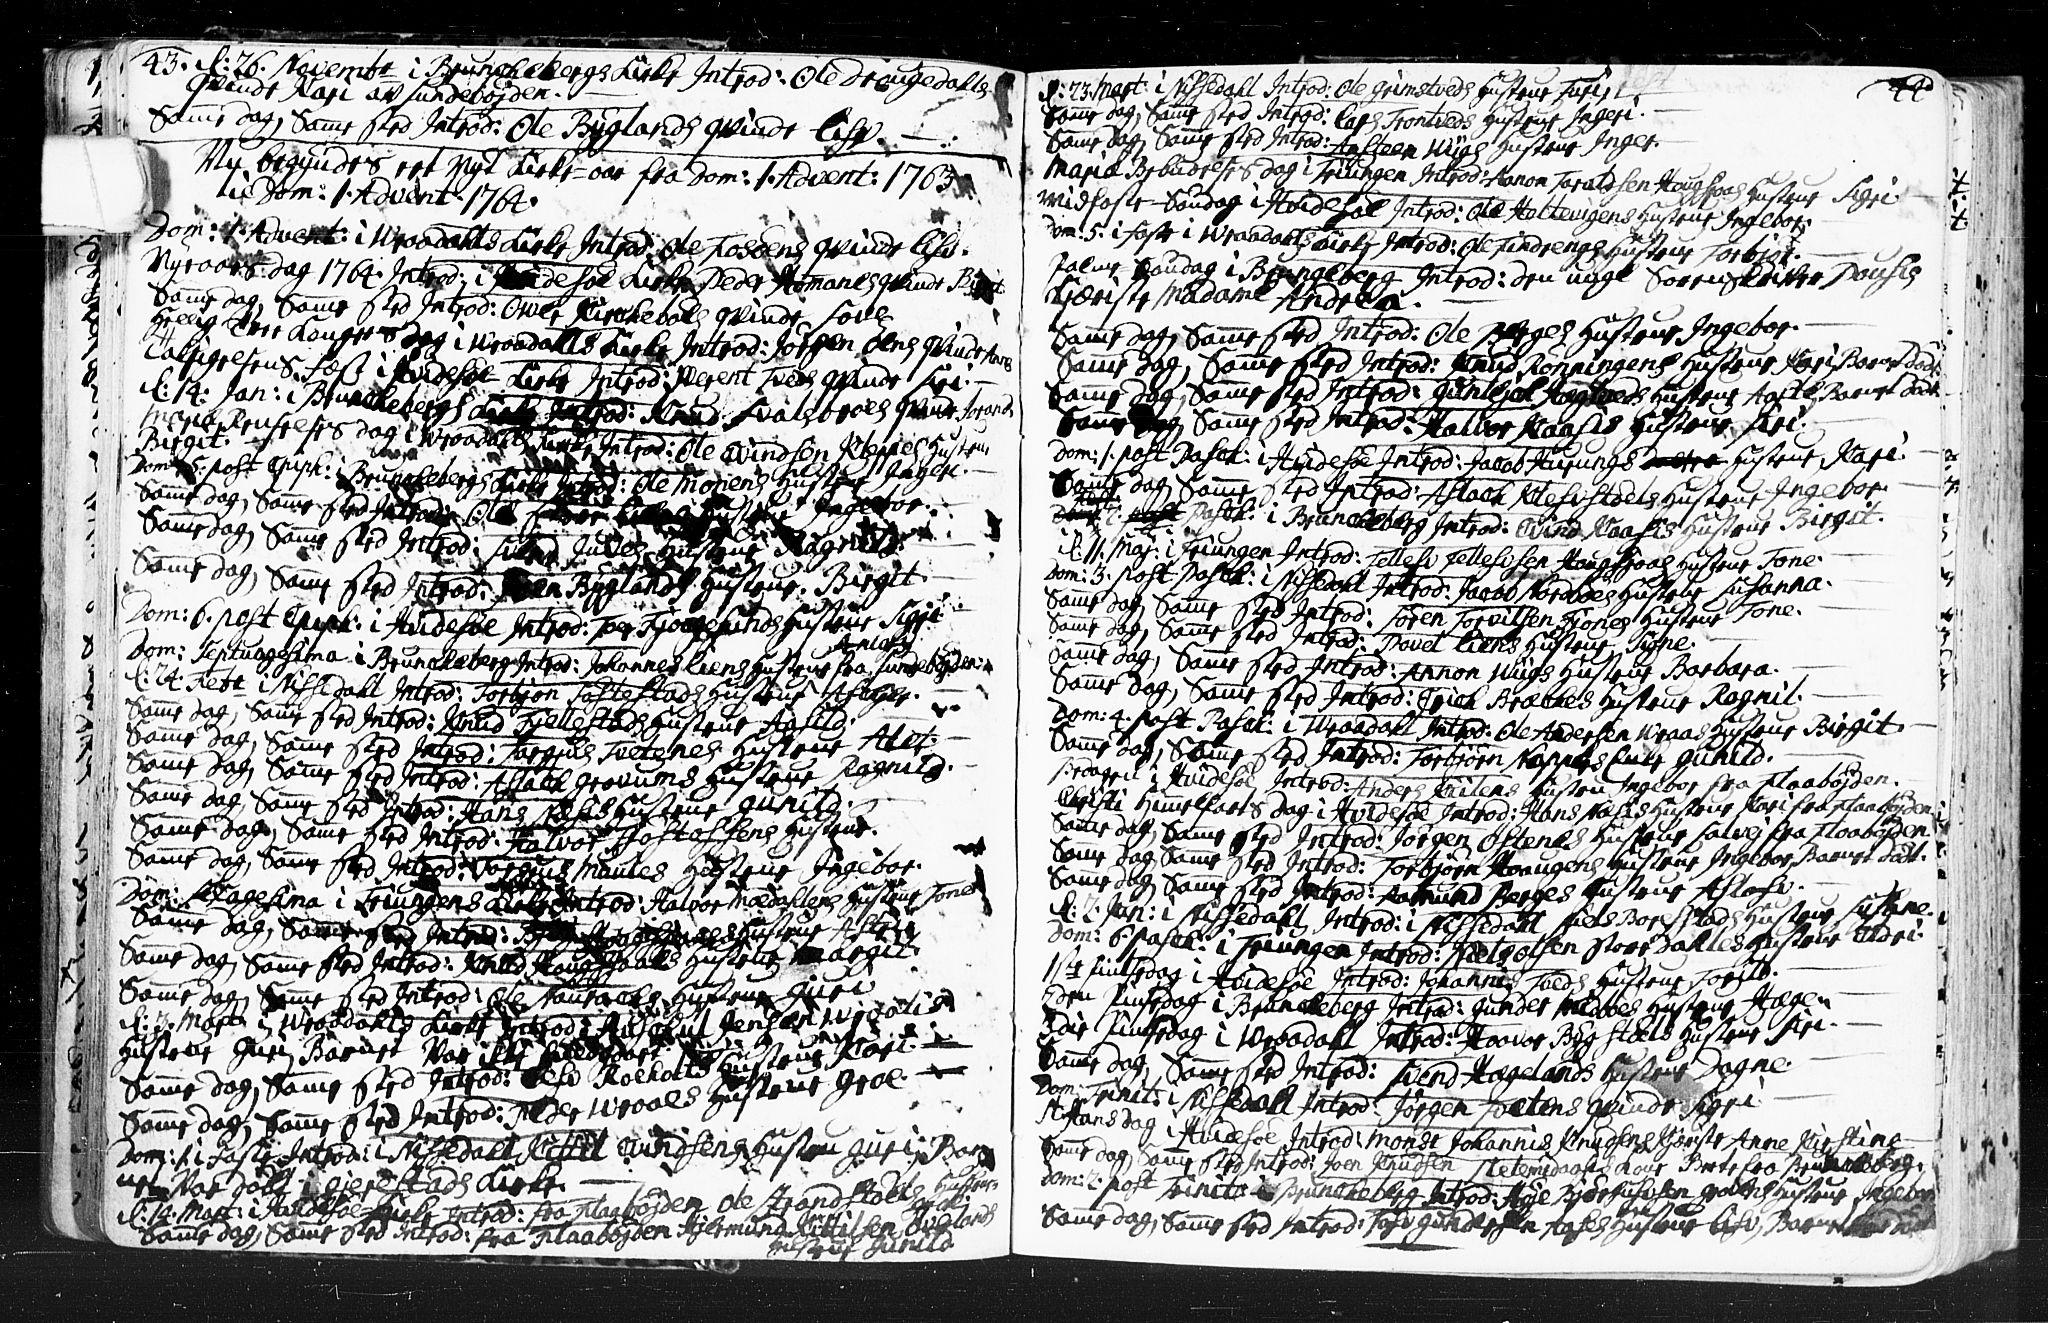 SAKO, Kviteseid kirkebøker, F/Fa/L0001: Ministerialbok nr. I 1, 1754-1773, s. 43-44